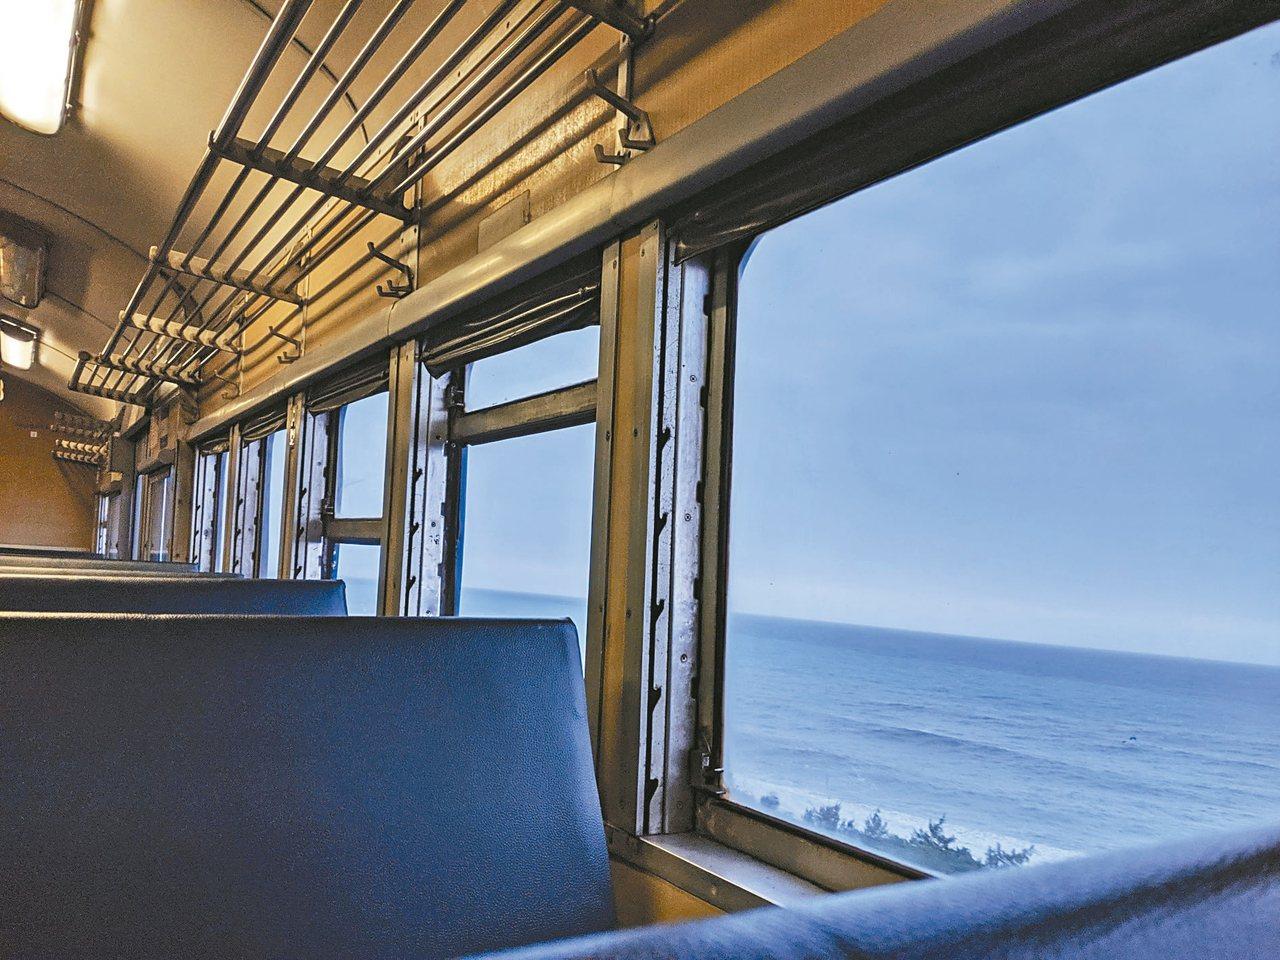 搭乘往枋寮方向的普快,建議坐左側位子,可開窗欣賞海景。 記者楊德宜/攝影